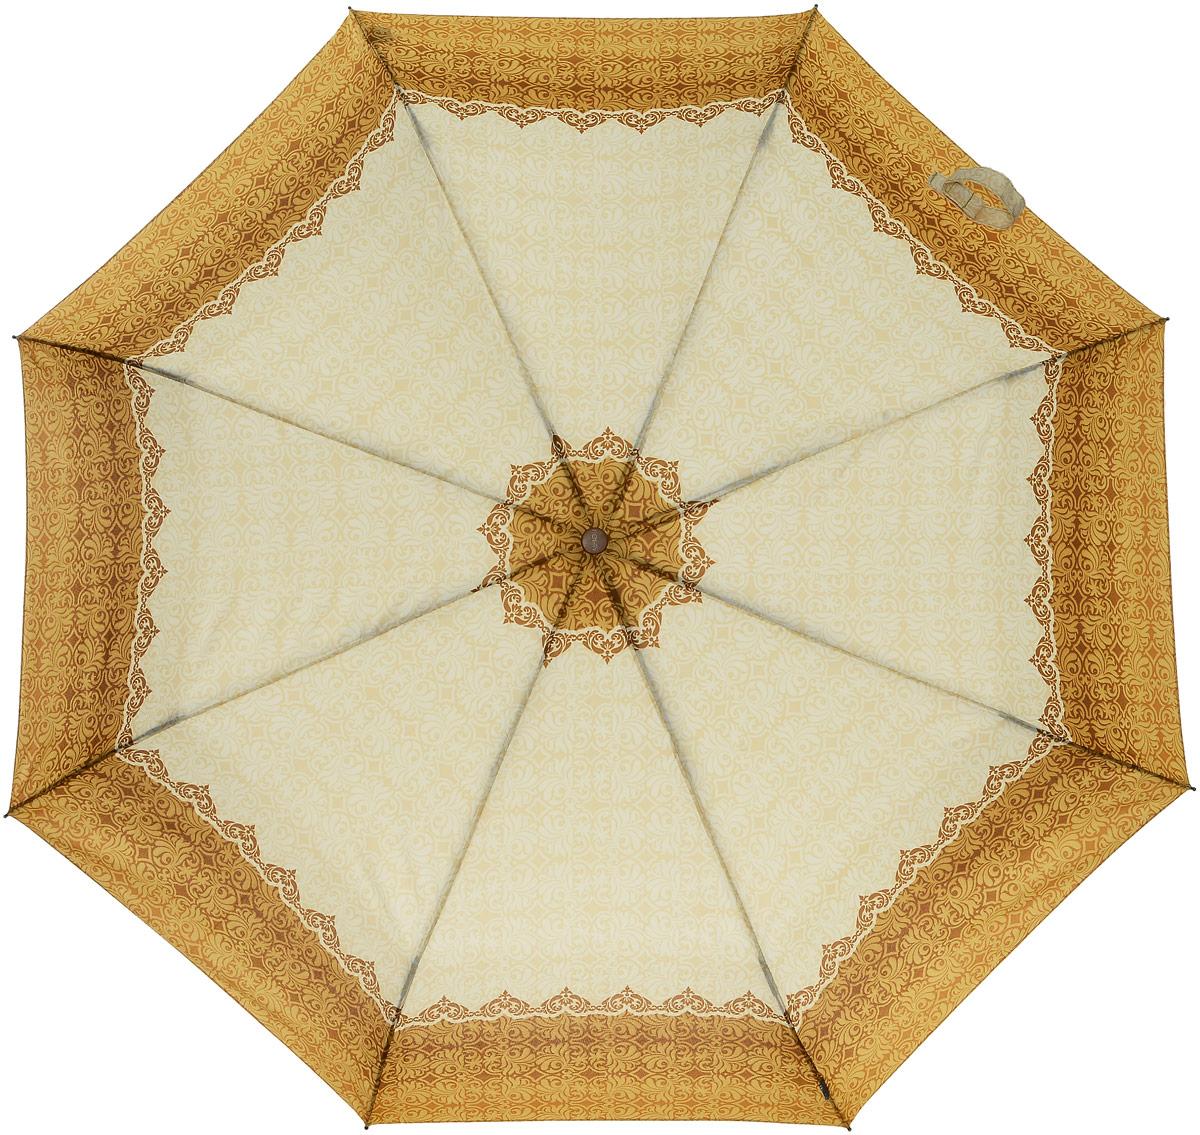 Зонт женский Airton, механический, 3 сложения, цвет: оранжевый, слоновая кость. 3535-150K60K603557_0130Классический женский зонт Airton в 3 сложения имеет механическую систему открытия и закрытия.Каркас зонта выполнен из восьми спиц на прочном стержне. Купол зонта изготовлен из прочного полиэстера. Практичная рукоятка закругленной формы разработана с учетом требований эргономики и выполнена из натурального дерева.Такой зонт оснащен системой антиветер, которая позволяет спицам при порывах ветрах выгибаться наизнанку, и при этом не ломаться. К зонту прилагается чехол.